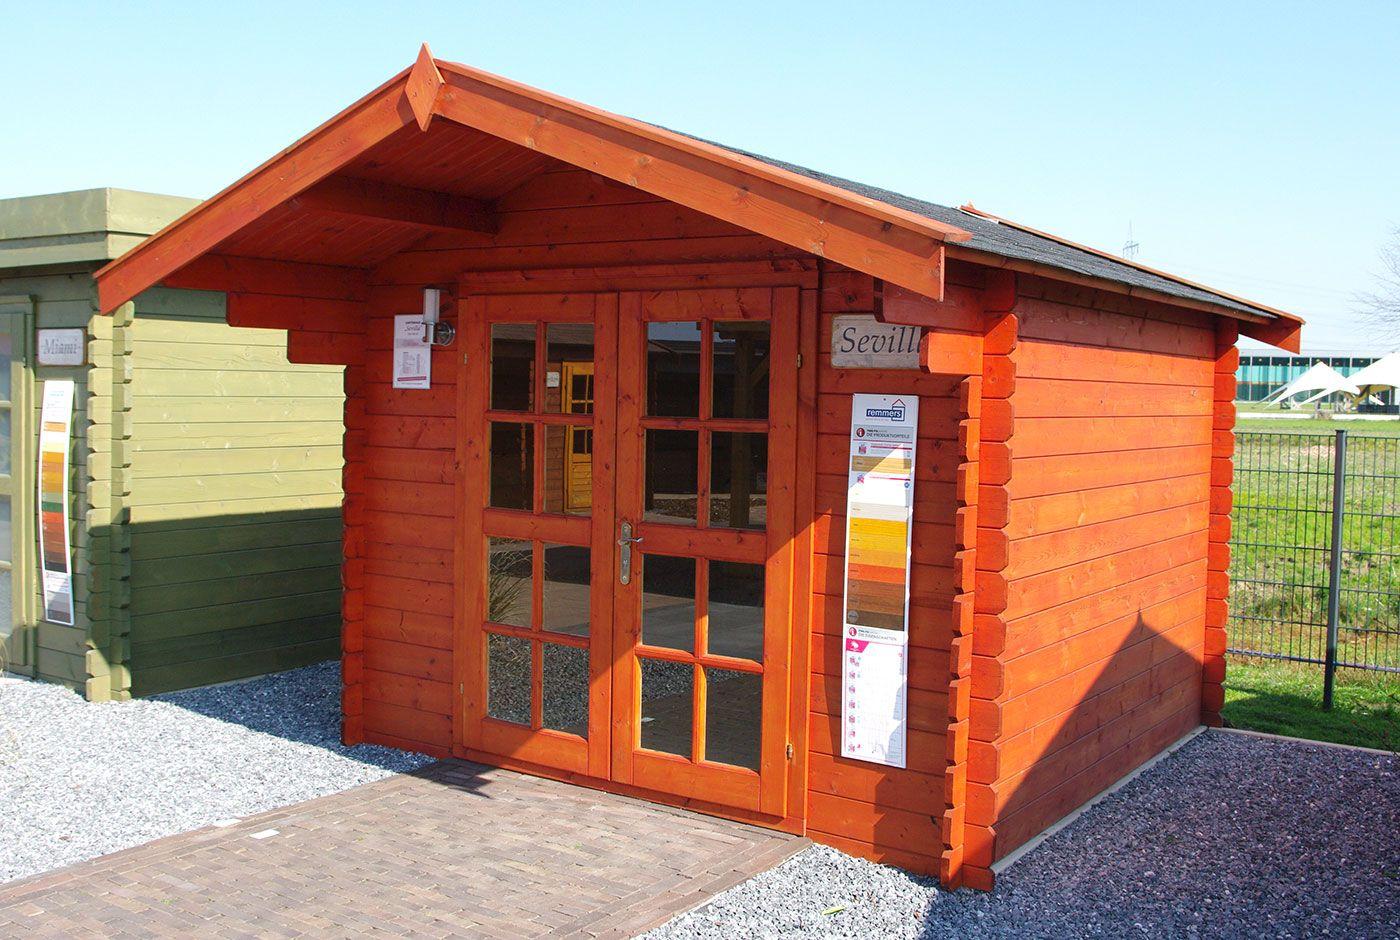 das kleine gartenhaus sevilla in dem maß 300 x 300 cm eignet sich